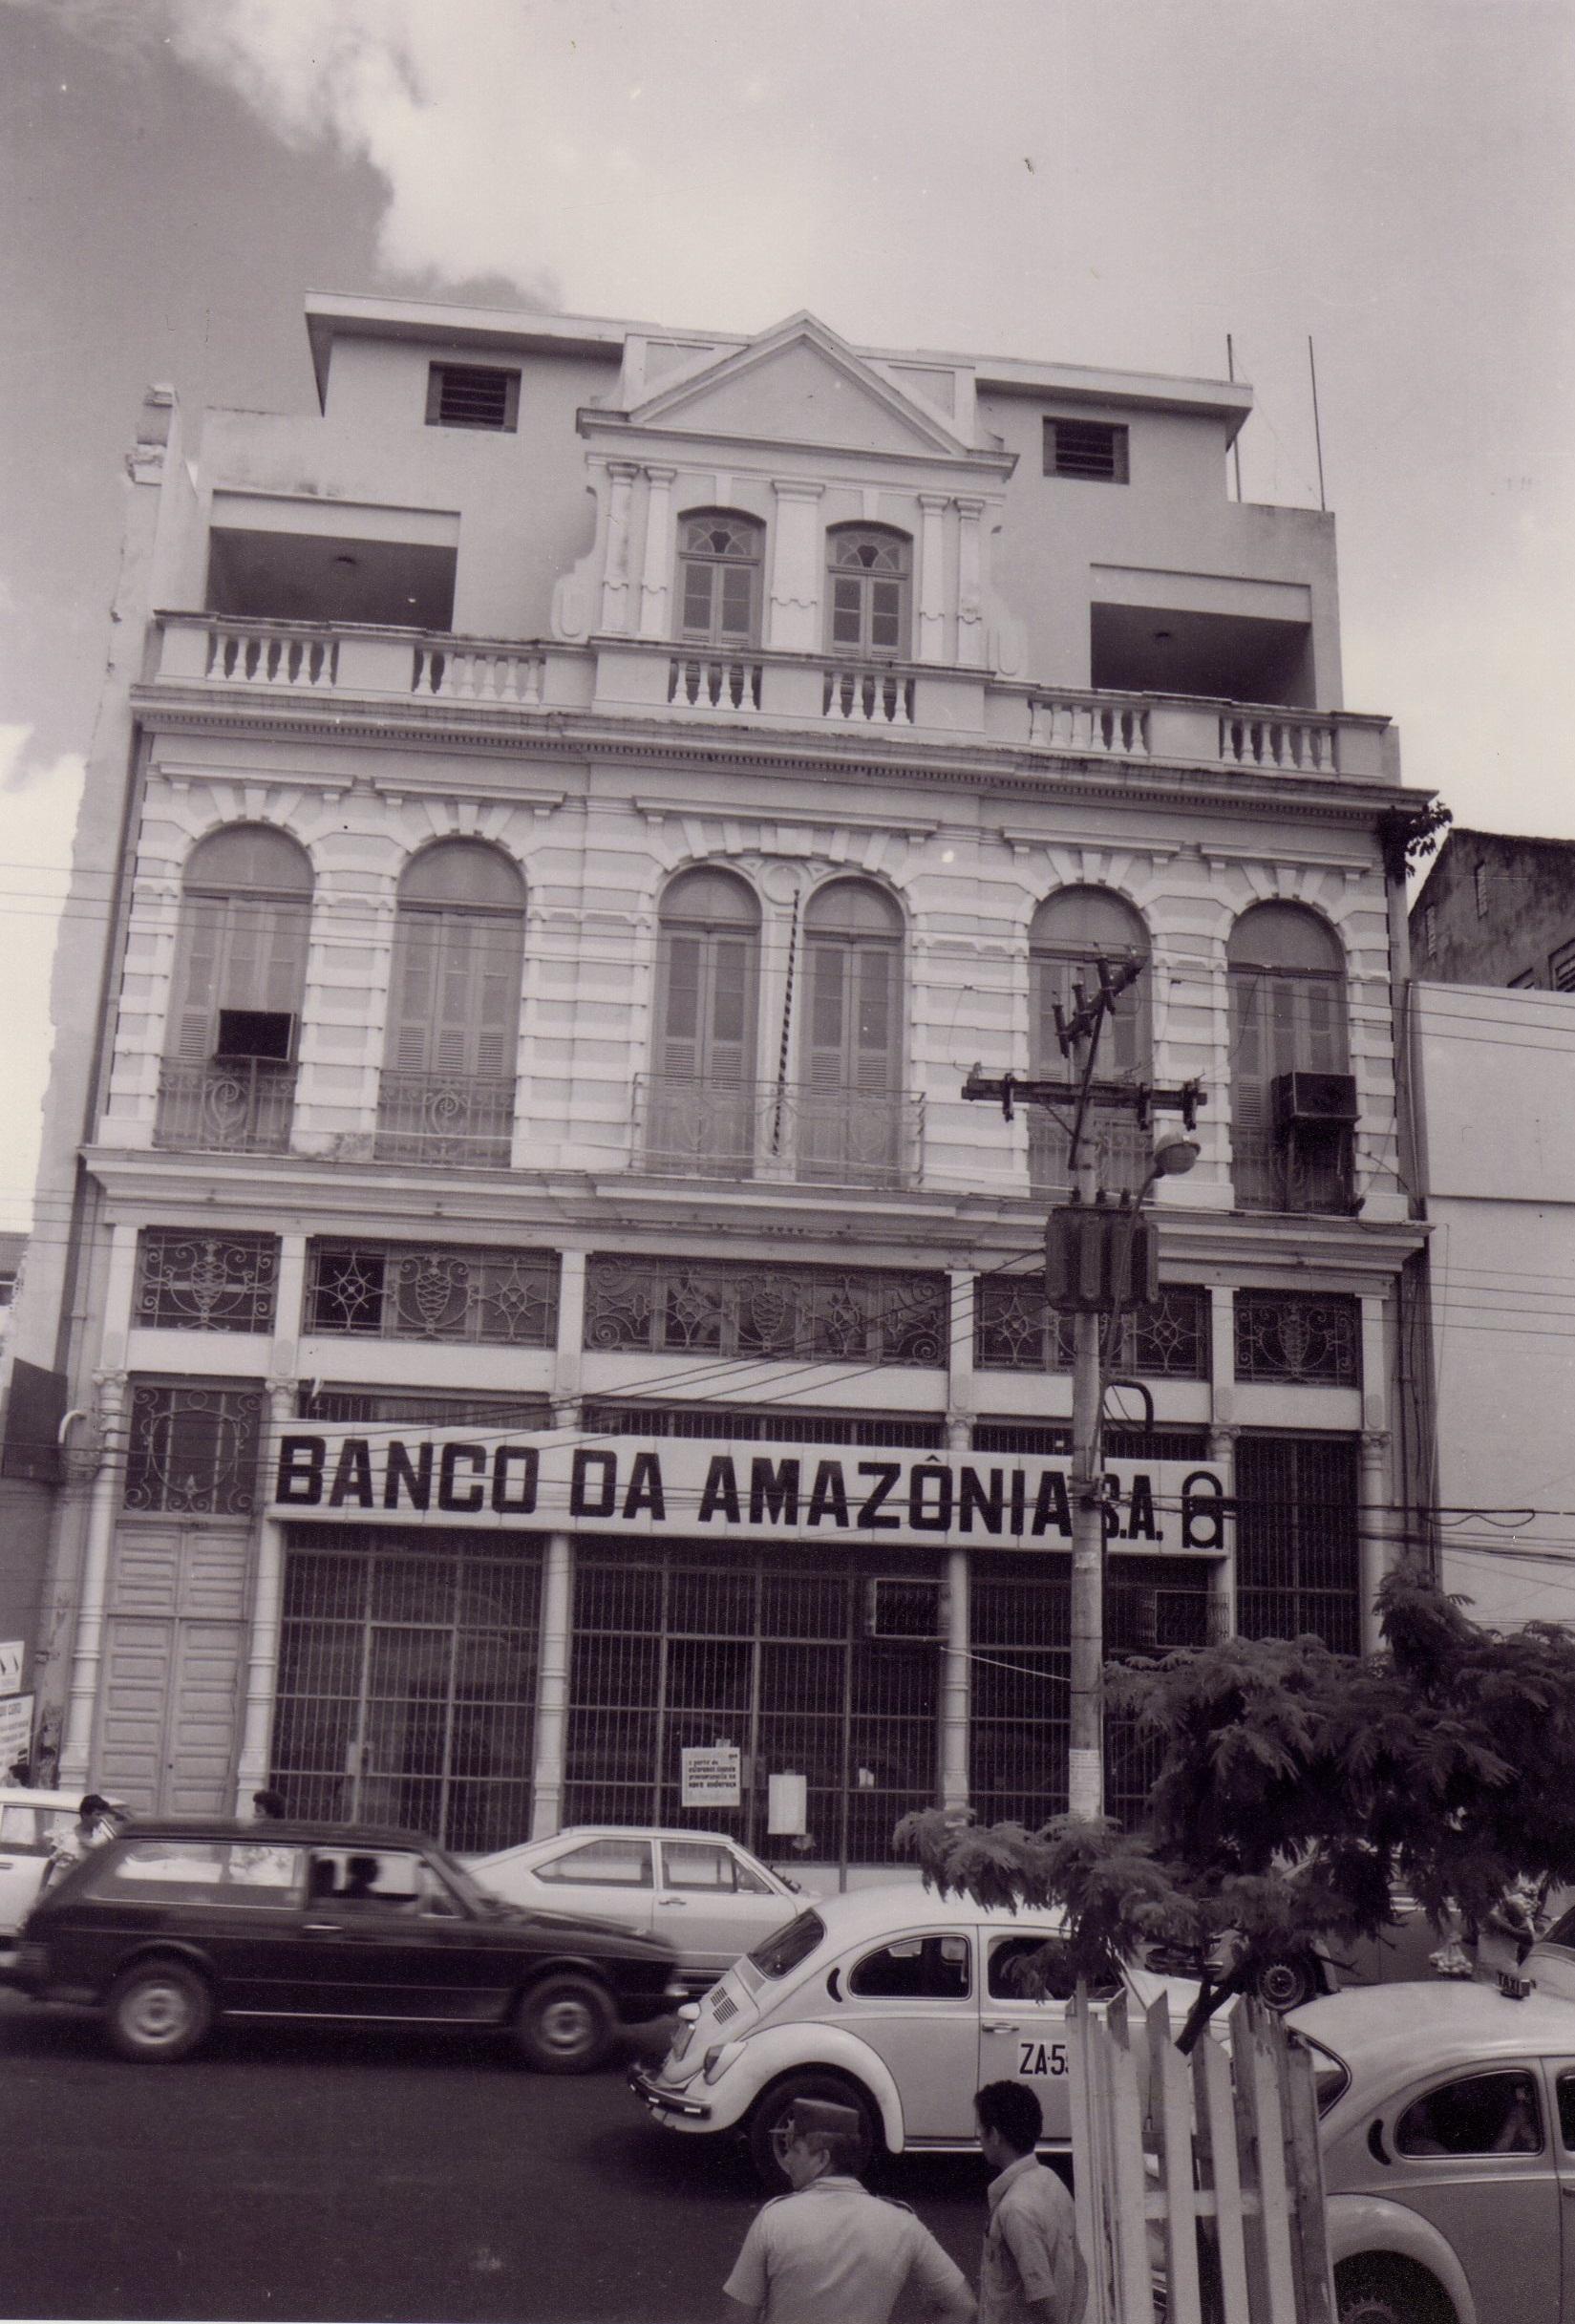 Fotografia do Banco da Amazônia - Instituto Durango Duarte